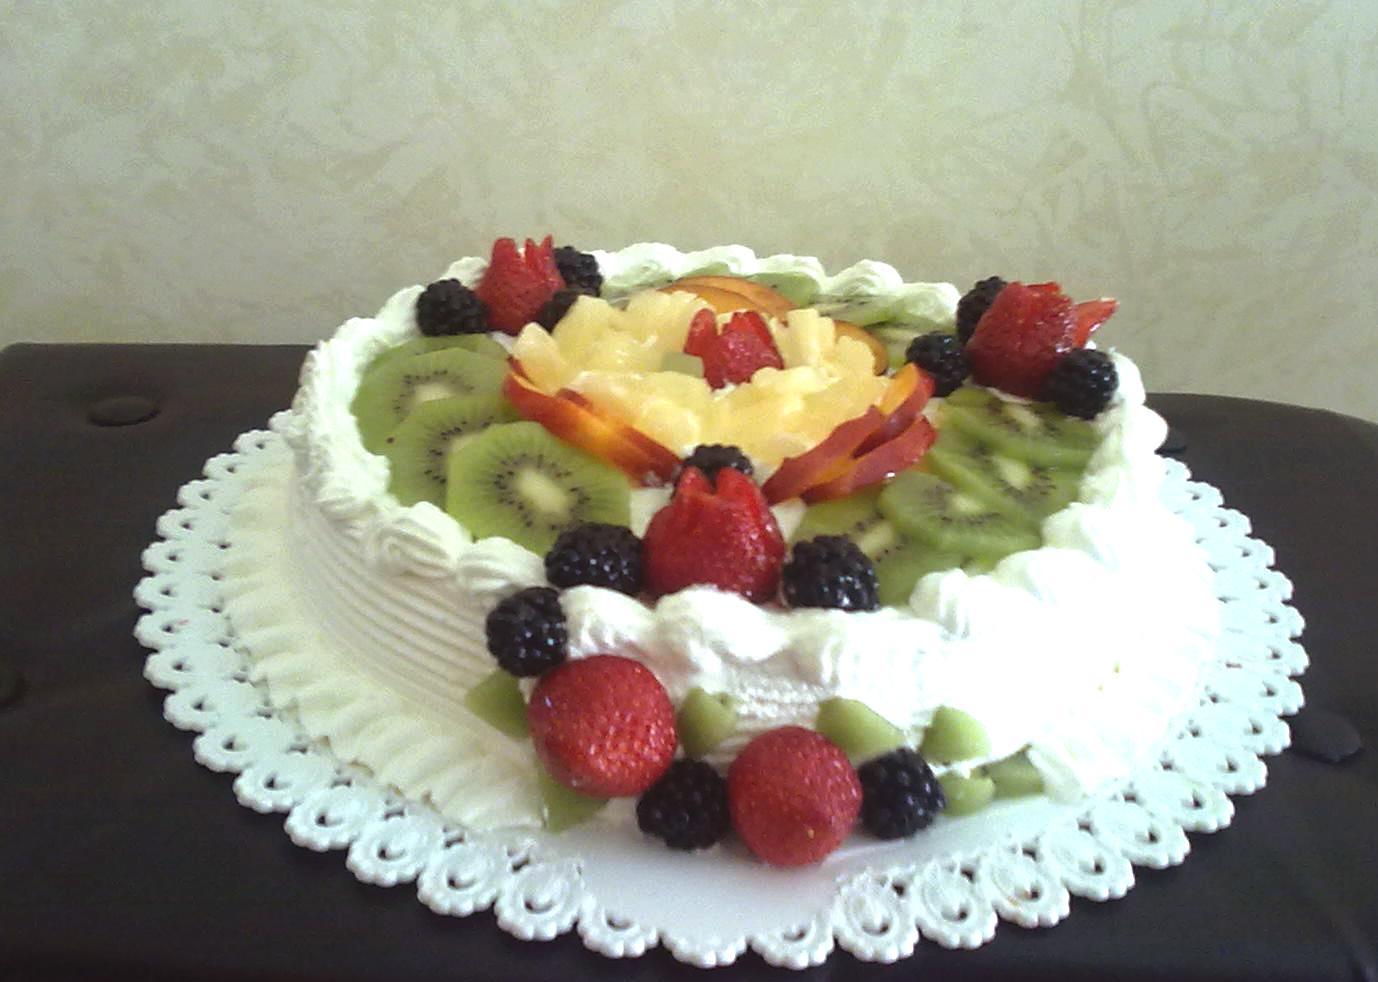 Alessandra e i suoi dolci torta con panna e frutta for Decorazioni torte frutta e panna